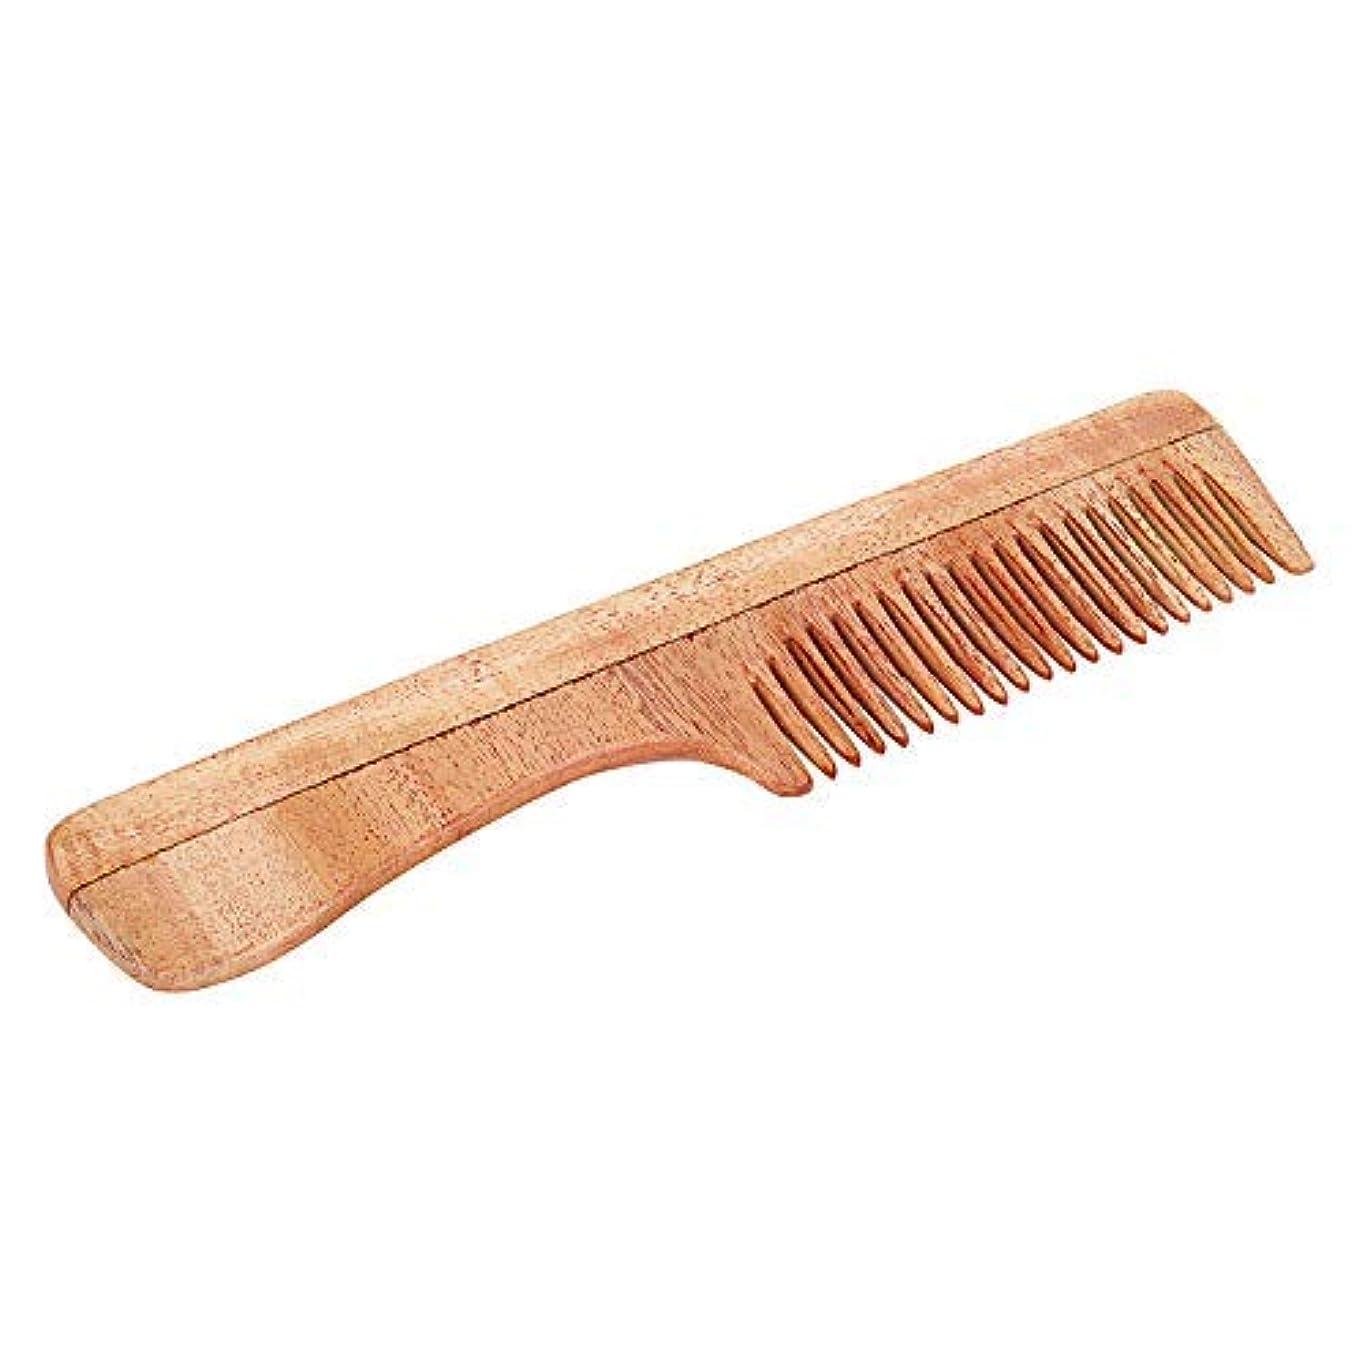 宿命バルセロナ印刷するSVATV Handcrafted Neem Wood Comb with Handle N-73 (7